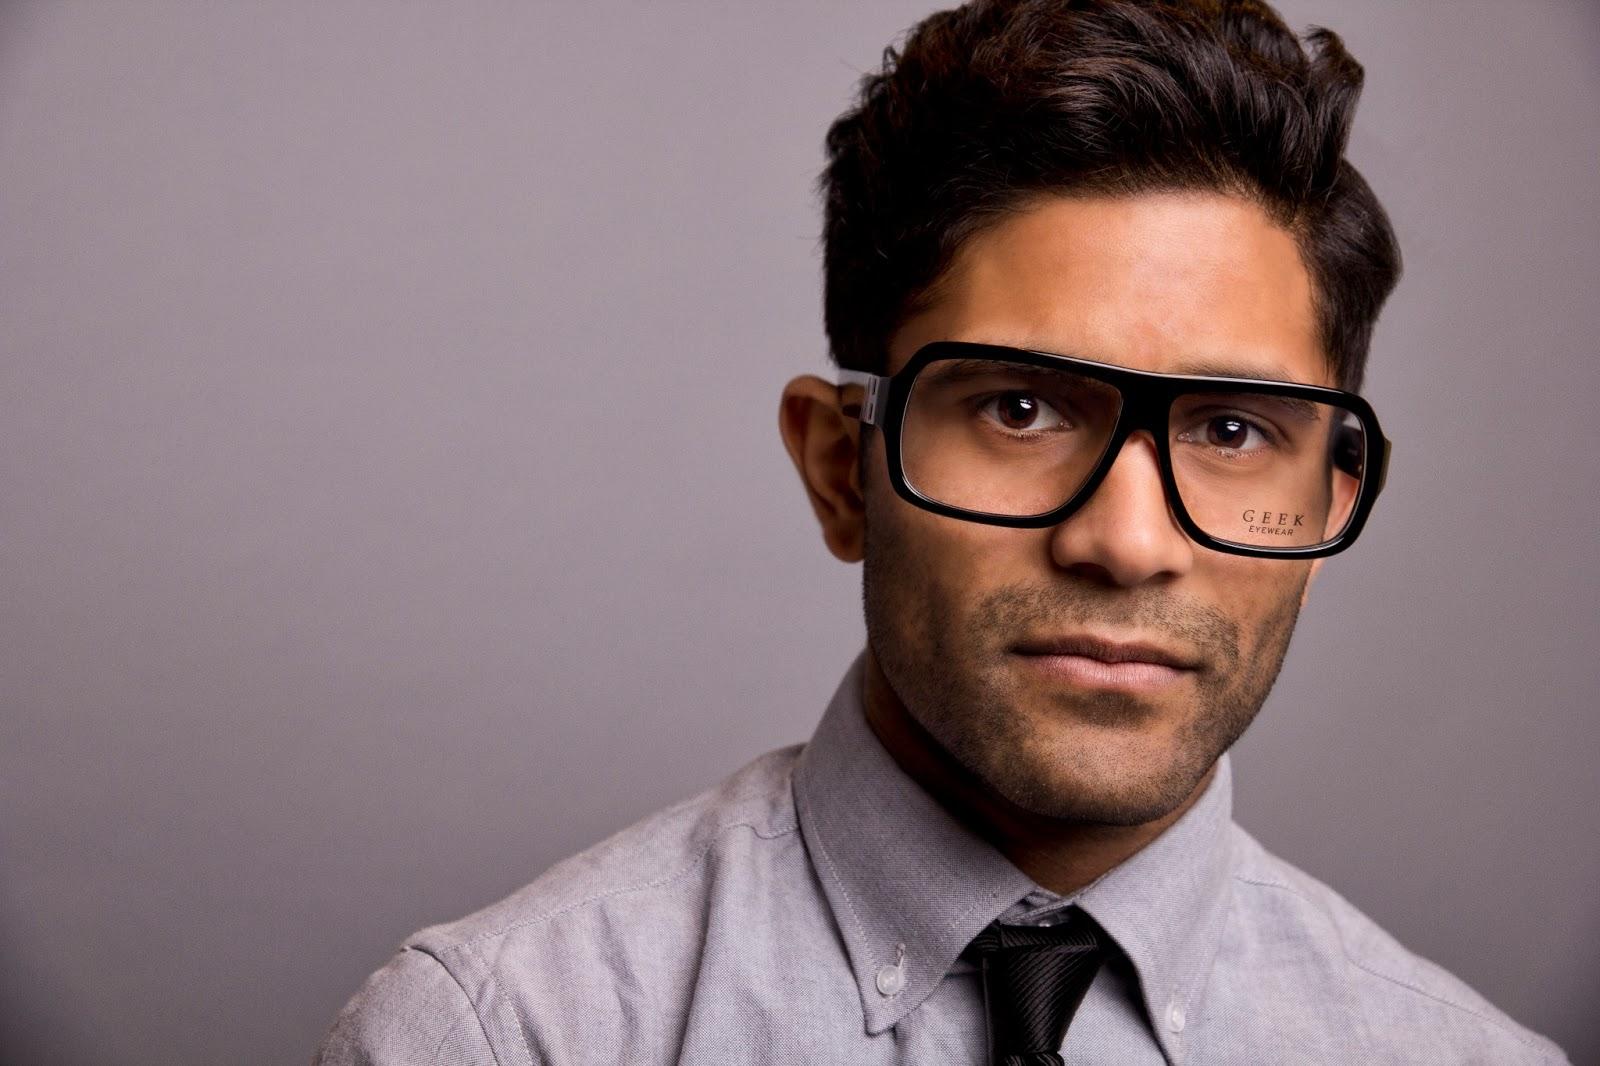 EYEGLASSES: Exclusive: Men\'s Eyewear by GEEK